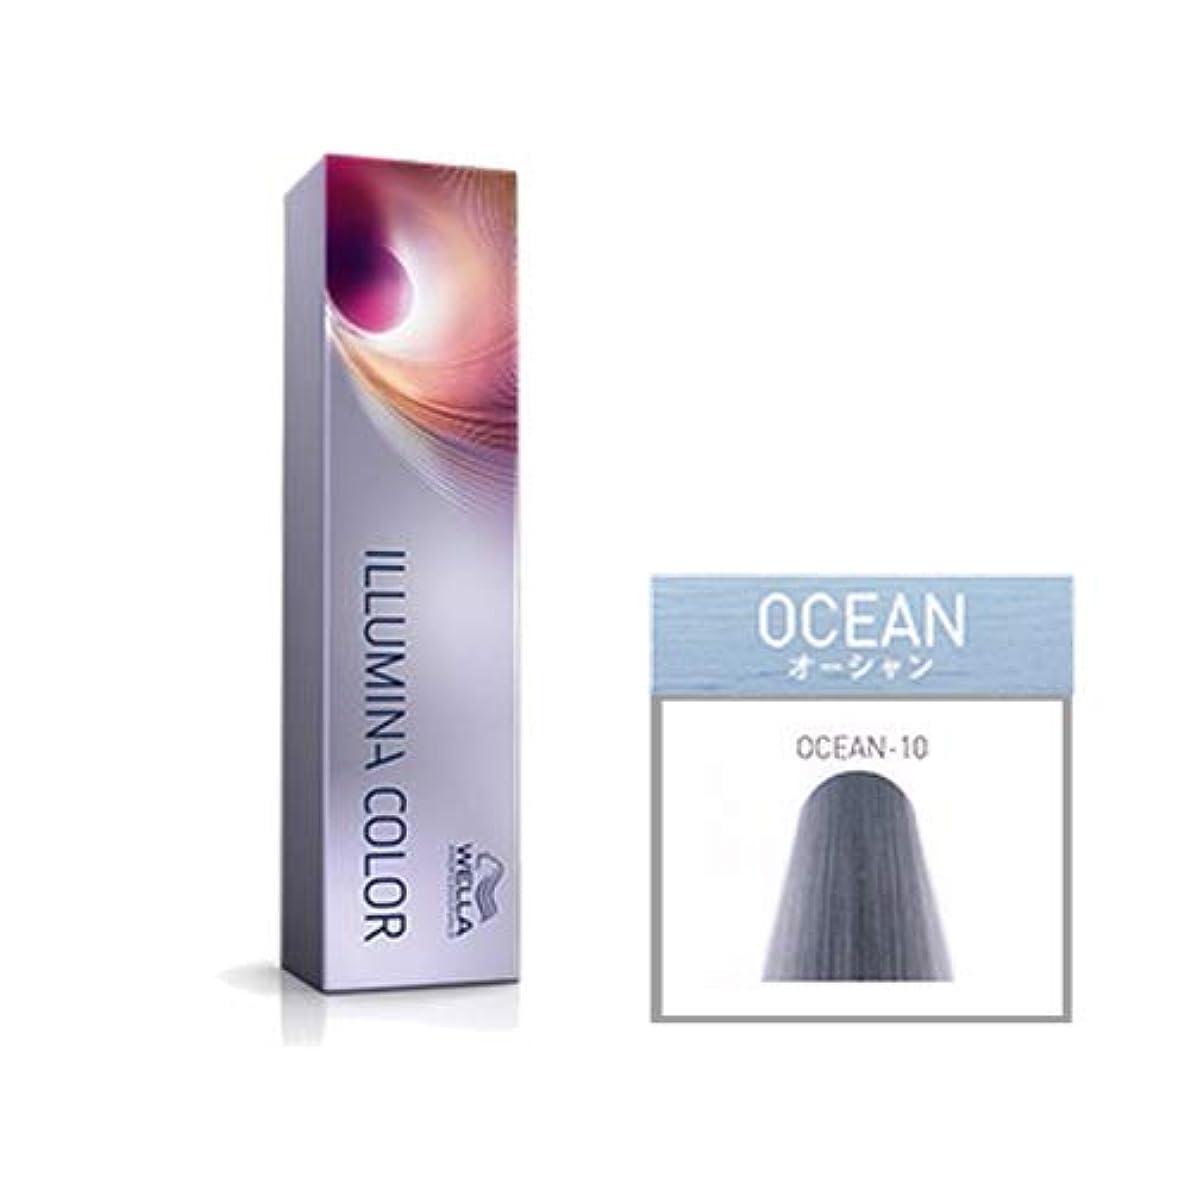 の慈悲で北へアルコーブウエラ プロフェッショナル イルミナ カラー オーシャン OCEAN-10 80g